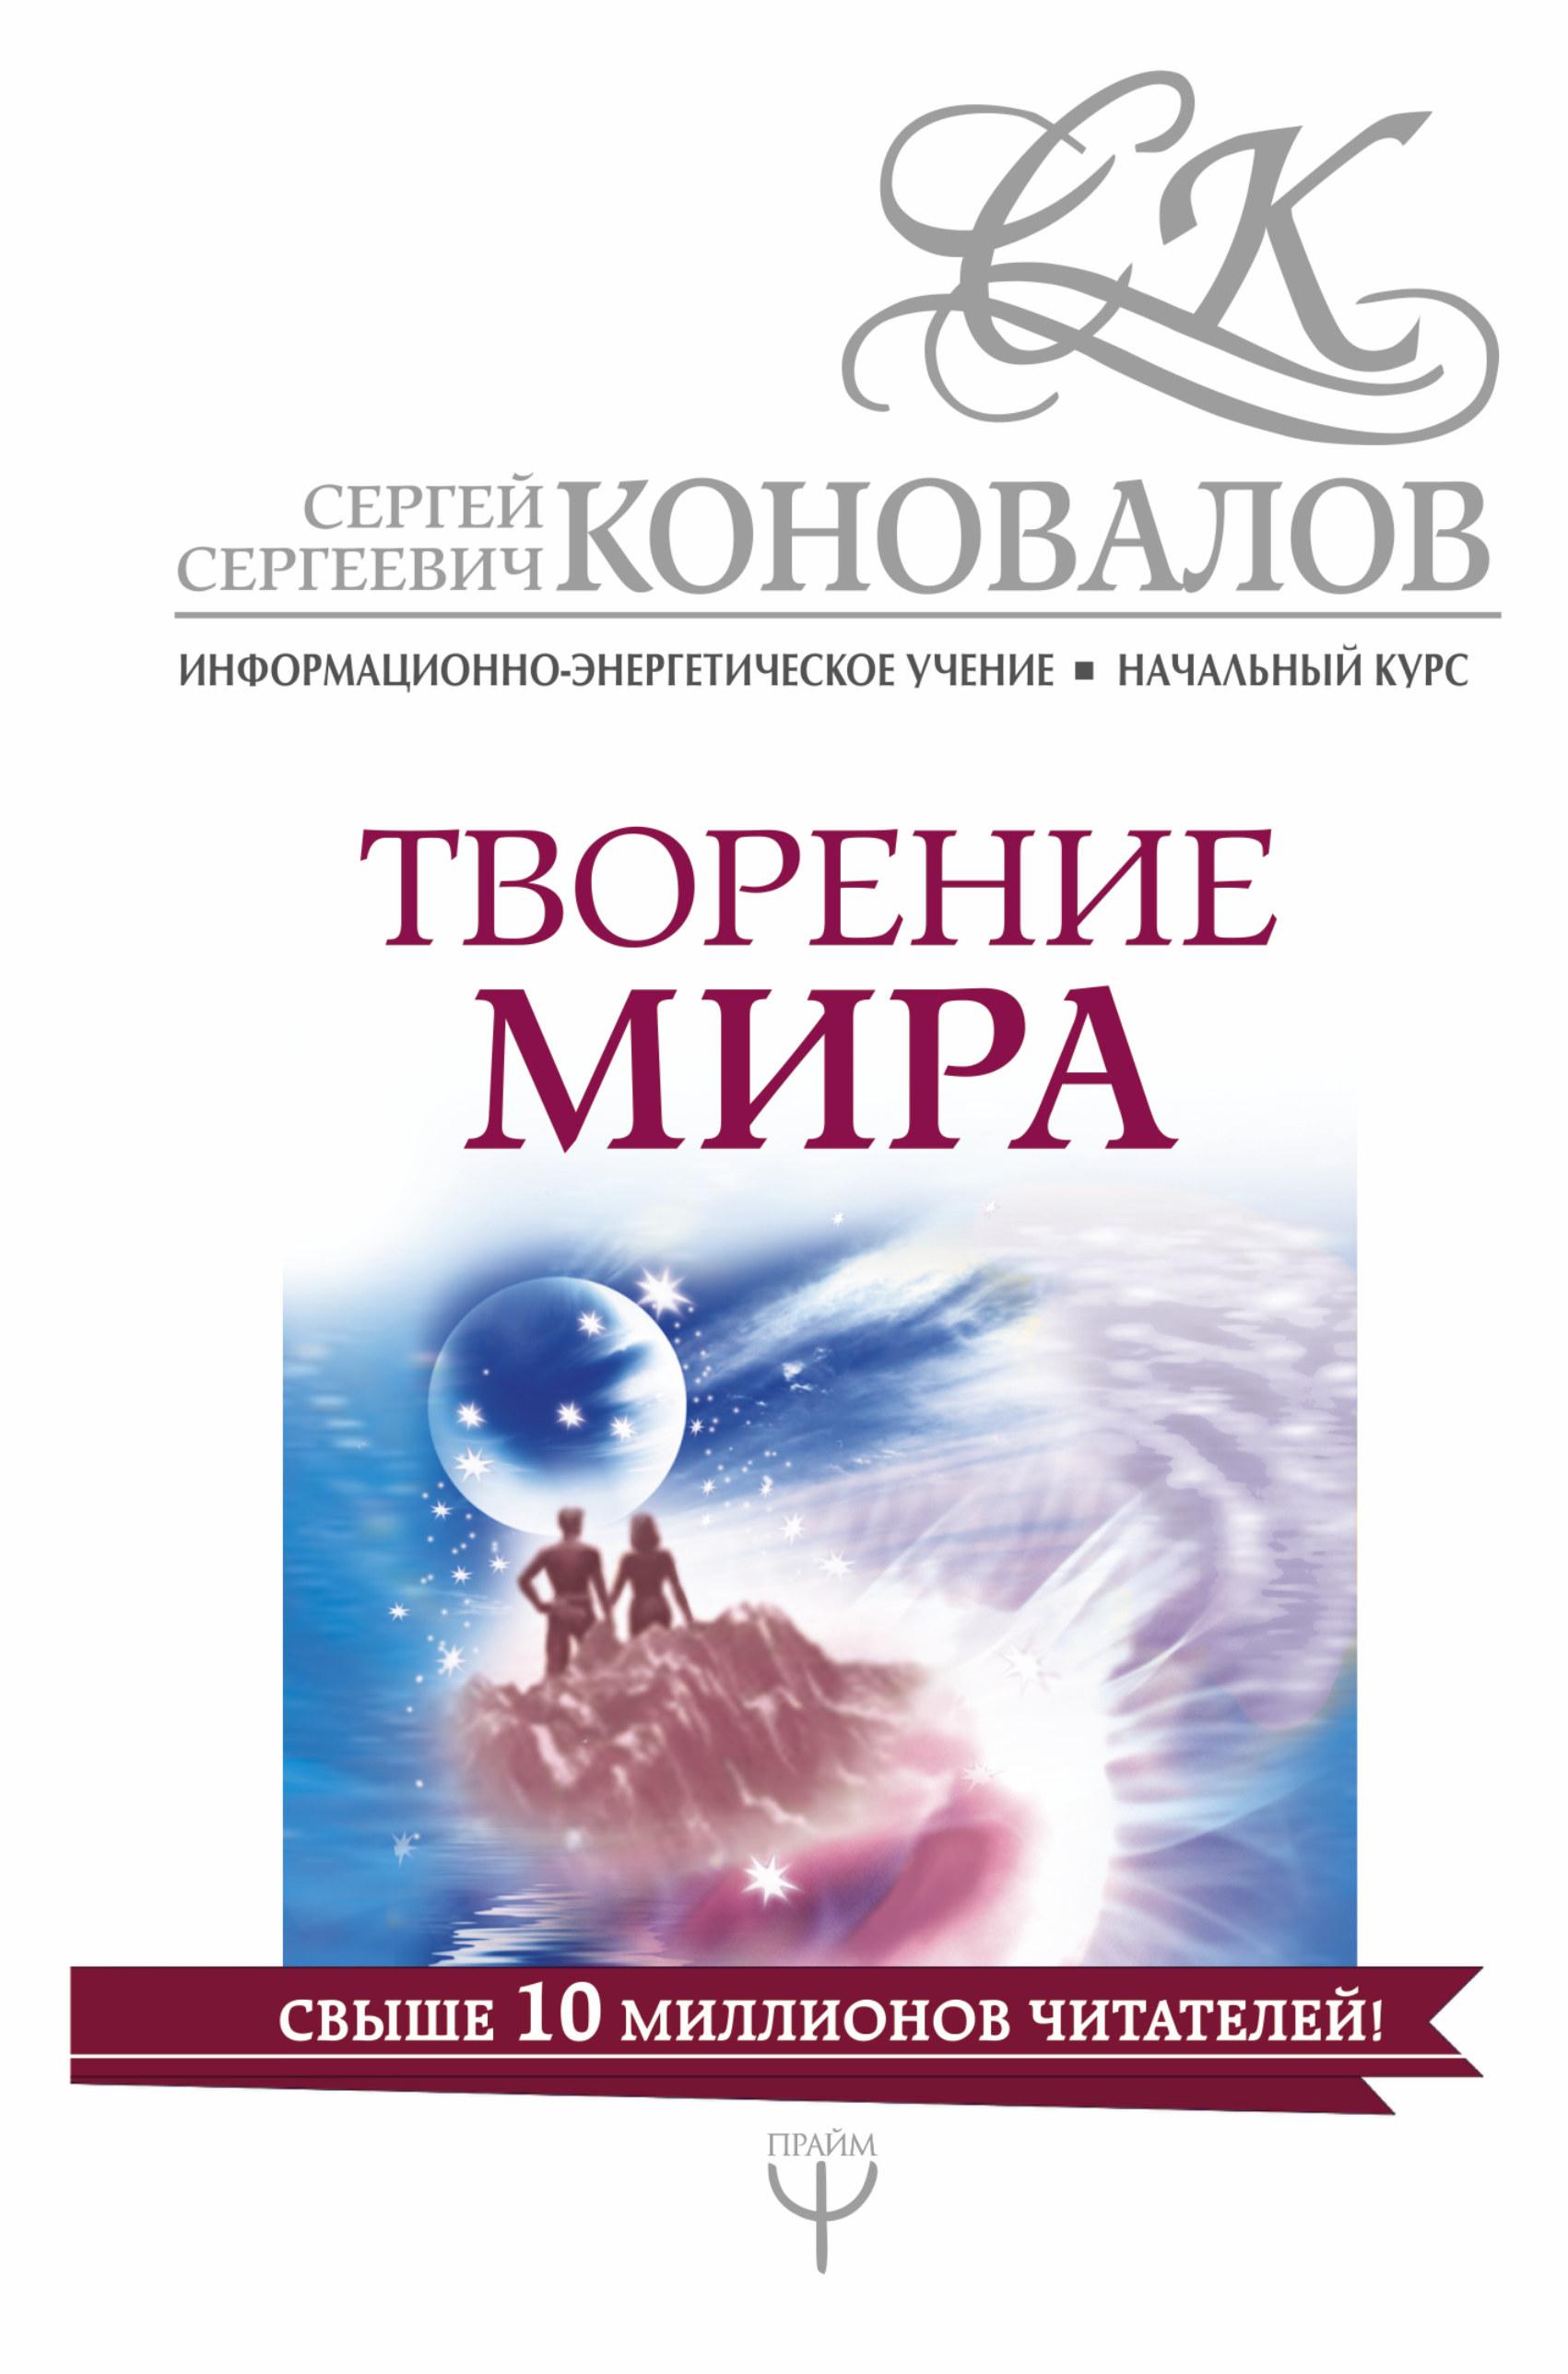 Сергей Коновалов Творение мира. Информационно-энергетическое Учение. Начальный курс отсутствует творение мира и человека